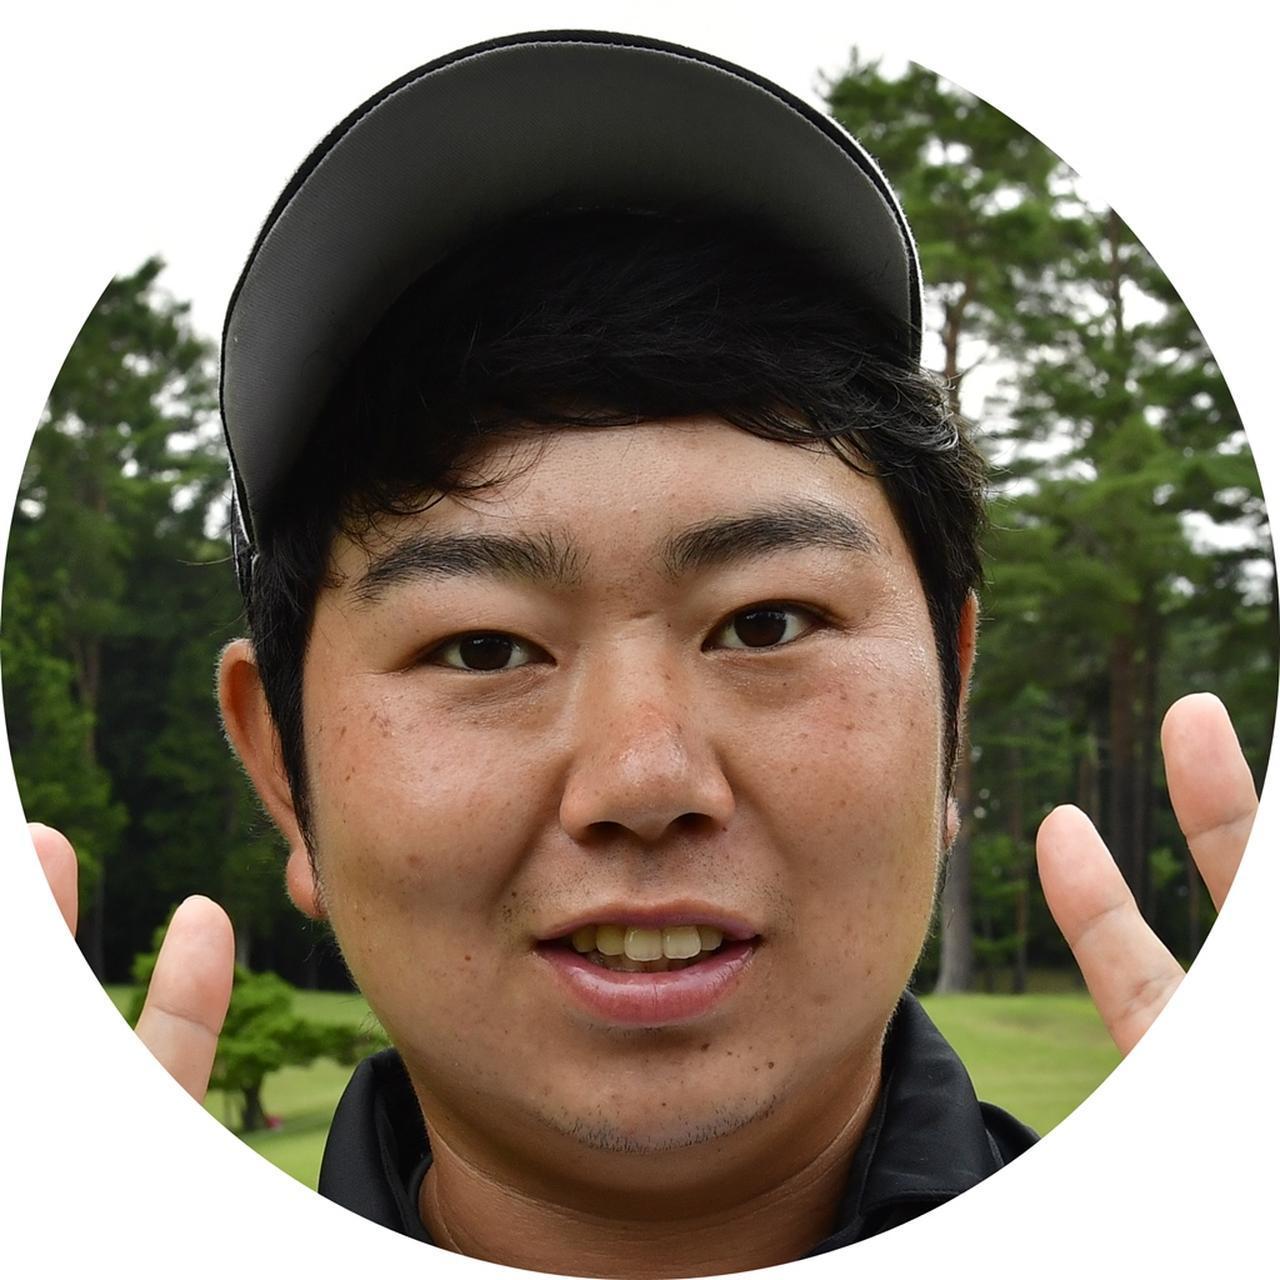 画像: 指のマメはともかく、親指が変形してしまったという、古田幸希プロ